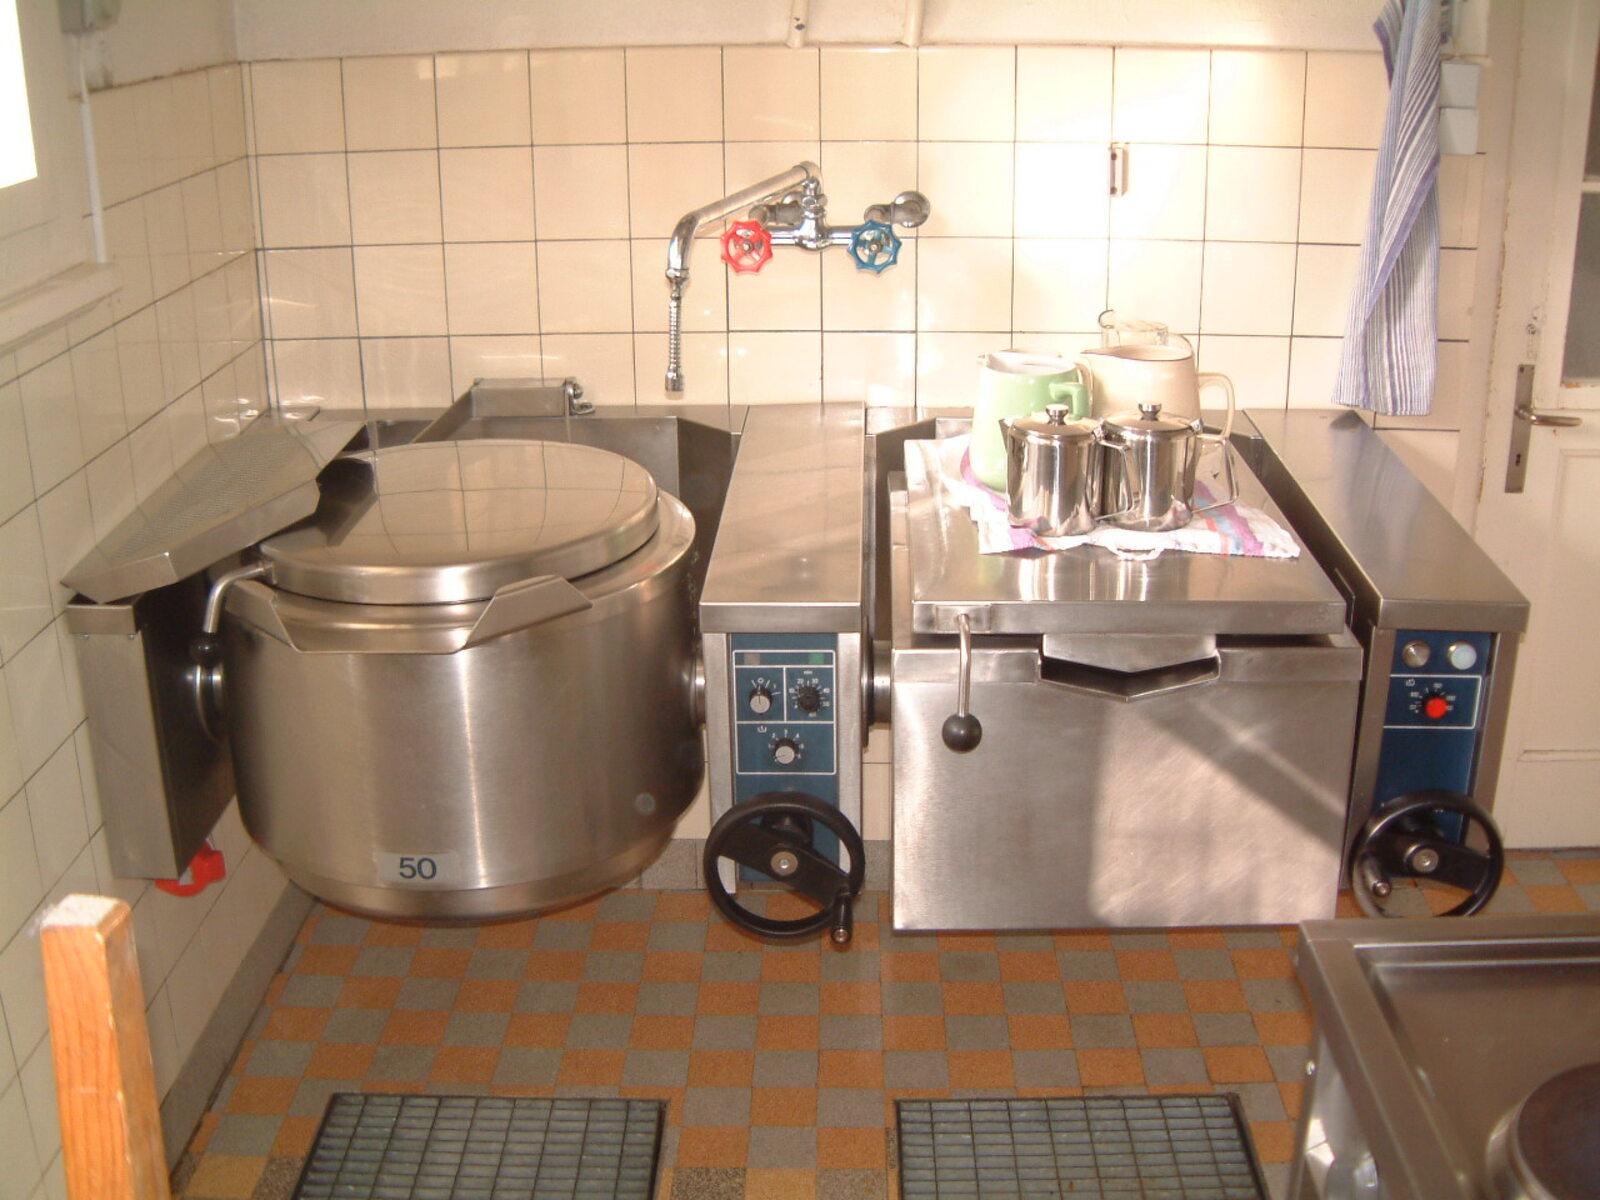 Jugendhaus der Heilsarmee, 3715 Adelboden - 9638 - Küche 1